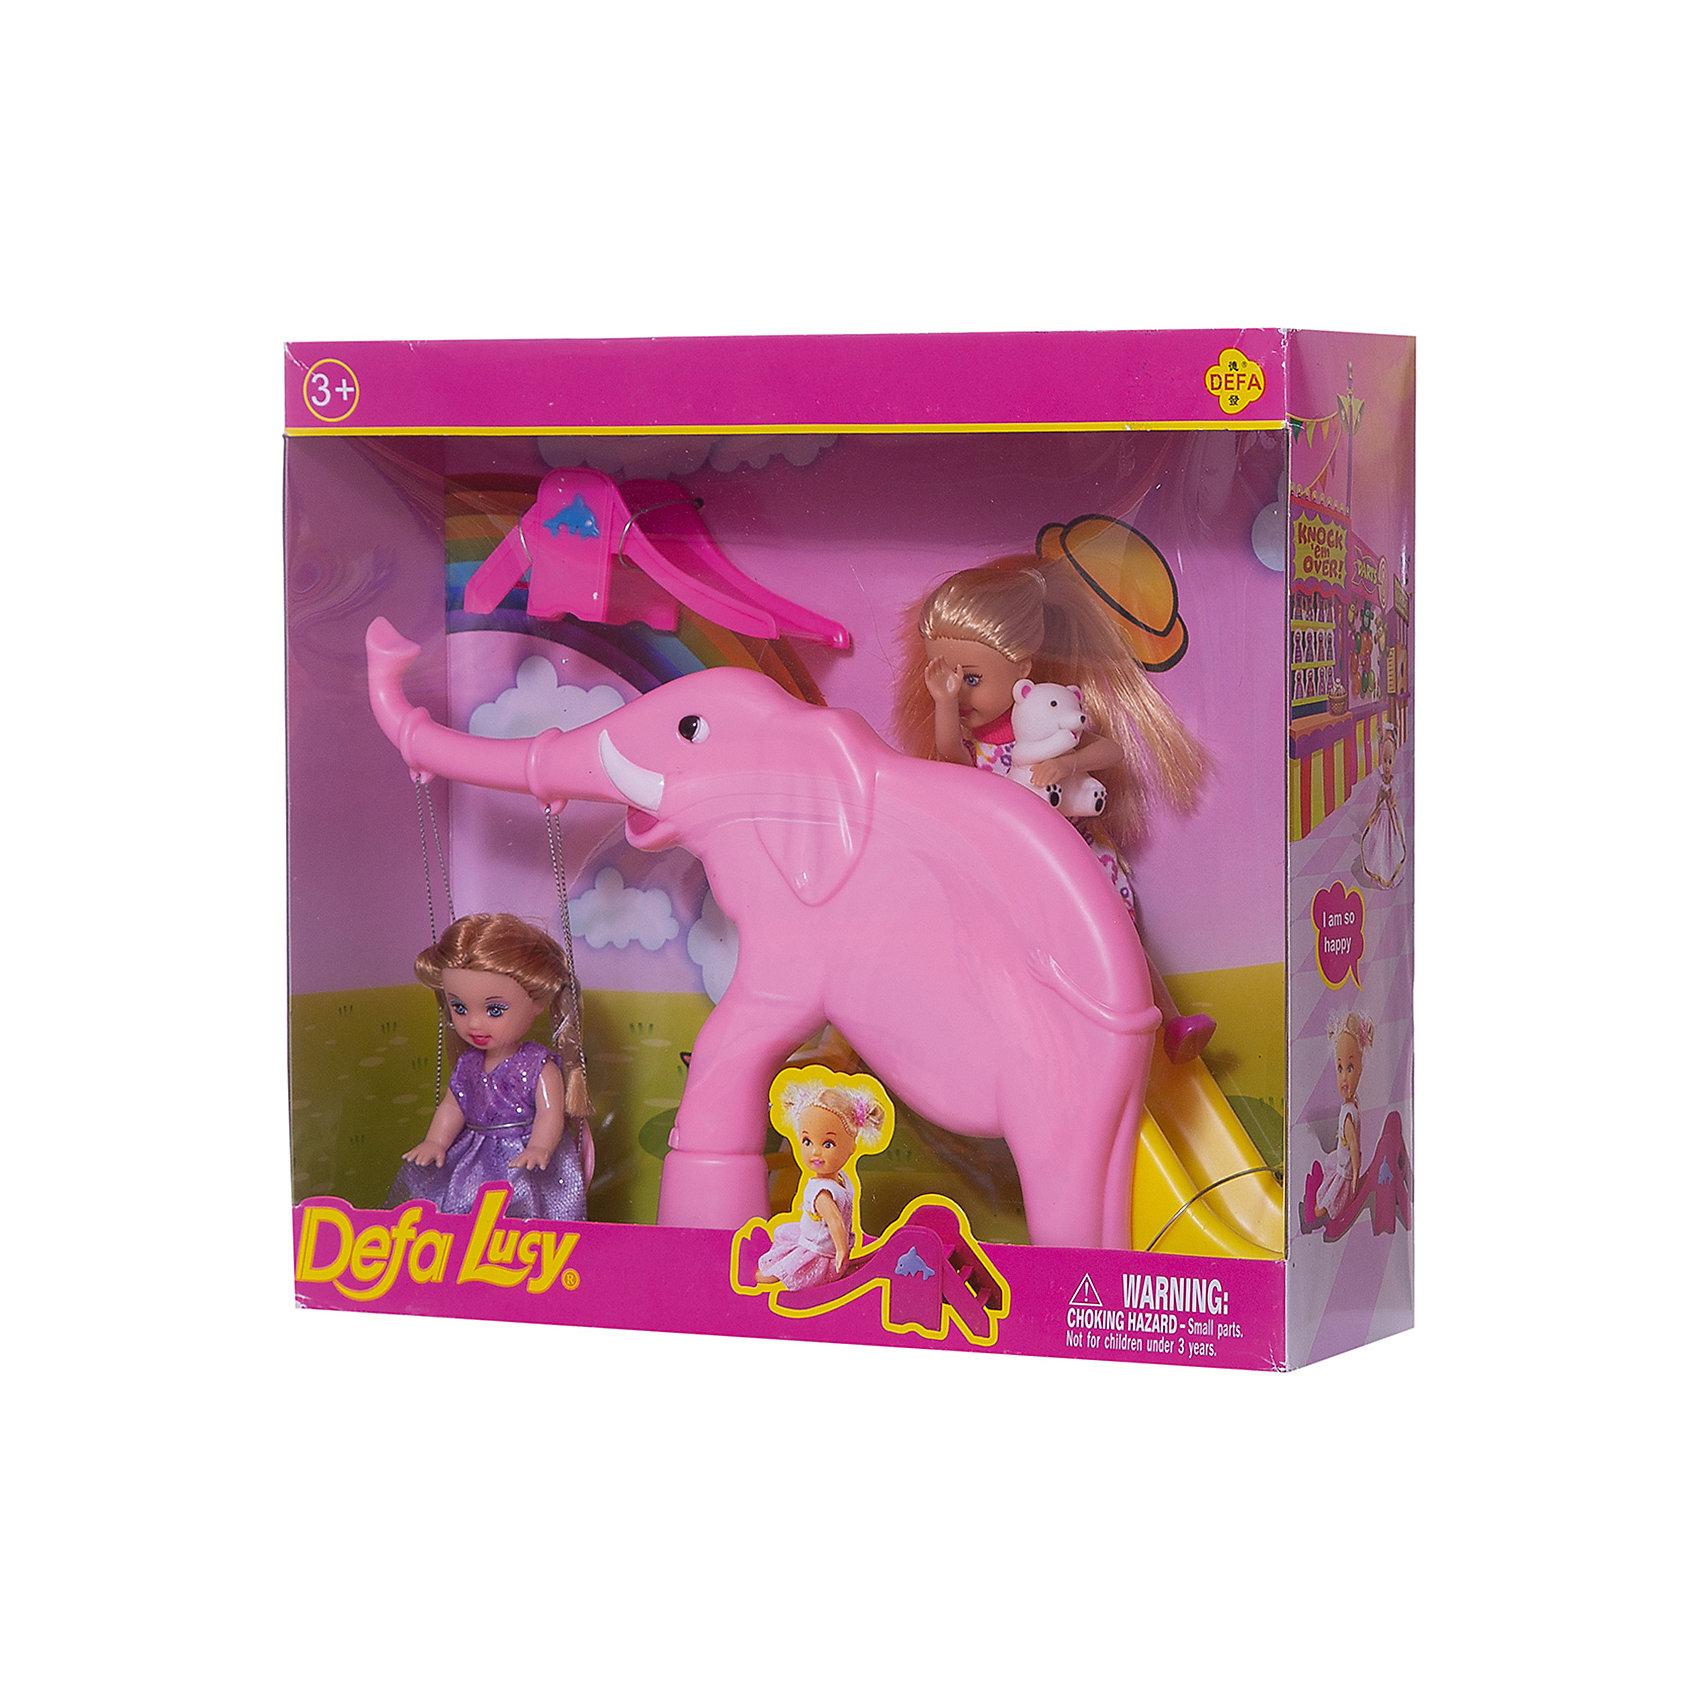 Набор из 2-х кукол В зоопарке, 11 см, 14 см, Defa LucyНаборы кукол<br>Характеристики товара:<br><br>• возраст от 3 лет;<br>• материал: пластик, текстиль;<br>• в комплекте: 2 куклы, горка-слон;<br>• высота кукол 11 и 14 см;<br>• размер упаковки 28х25х8 см;<br>• вес упаковки 470 гр.;<br>• страна производитель: Китай.<br><br>Набор из 2 кукол «В зоопарке» Defa Lucy включает двух милых кукол, которые весело проводят время, катаясь на качелях и с горки в форме большого слона. Игрушки изготовлены из качественного безопасного материала.<br><br>Набор из 2 кукол «В зоопарке» Defa Lucy можно приобрести в нашем интернет-магазине.<br><br>Ширина мм: 280<br>Глубина мм: 250<br>Высота мм: 80<br>Вес г: 470<br>Возраст от месяцев: 36<br>Возраст до месяцев: 72<br>Пол: Женский<br>Возраст: Детский<br>SKU: 5581292